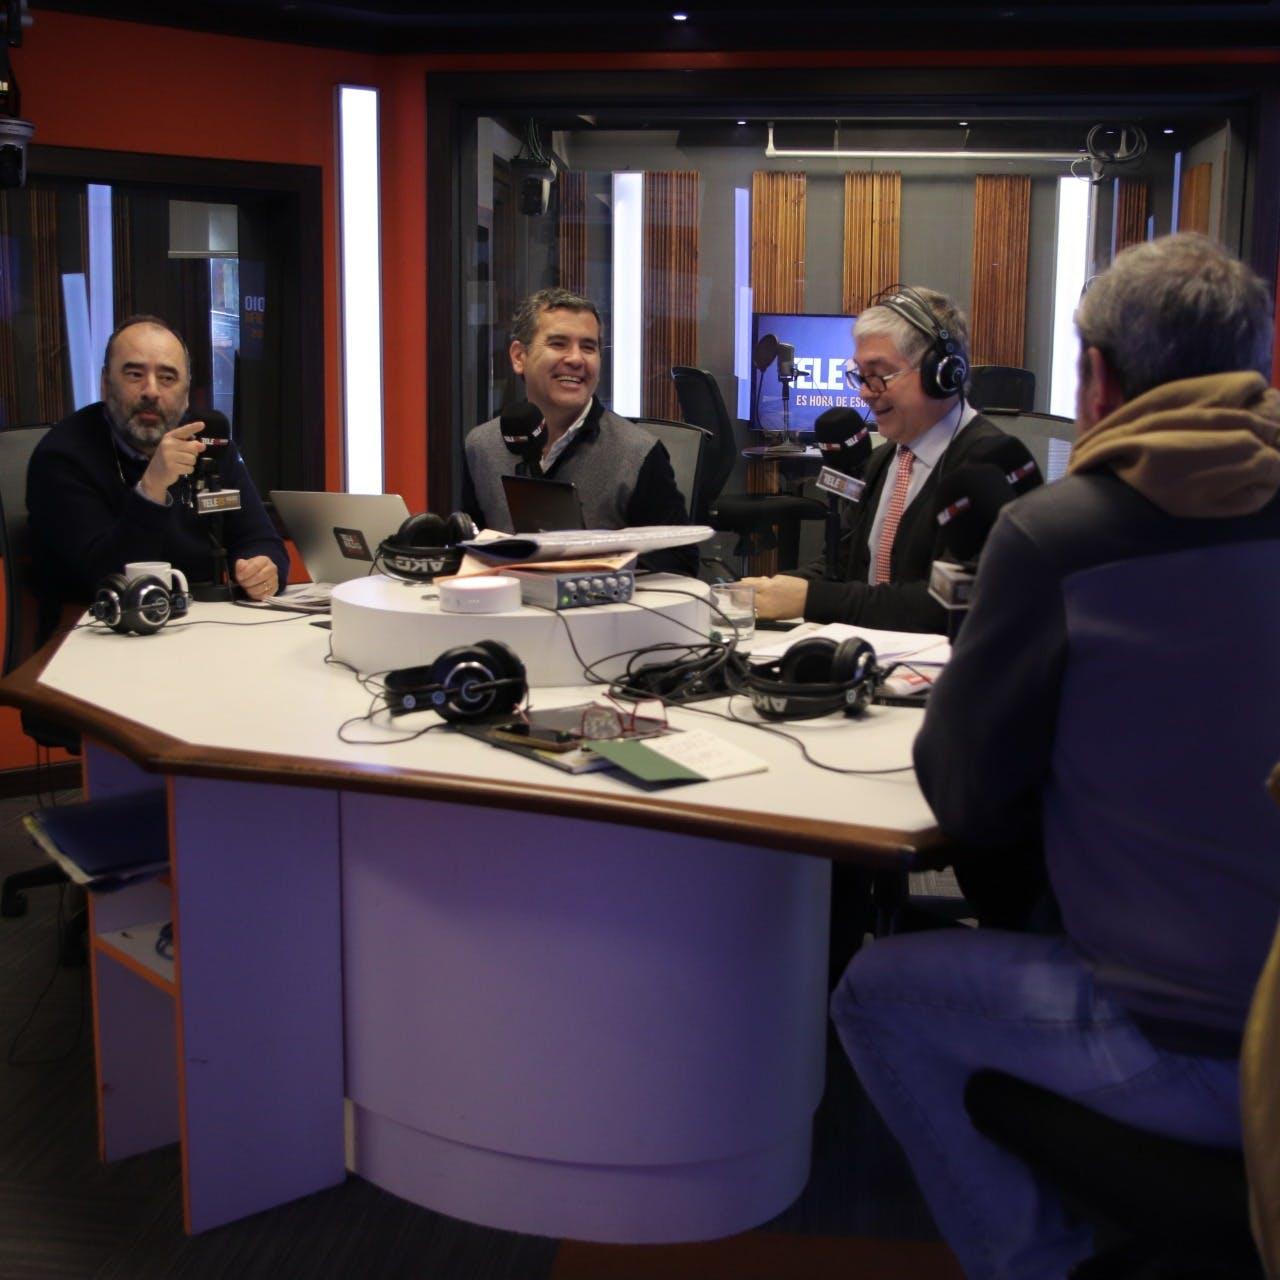 Joignant, Guzmán y Mujica analizaron la administración del 4% de las pensiones y la carrera presidencial - Podcast - Mesa Central - Columnistas - Emisor Podcasting